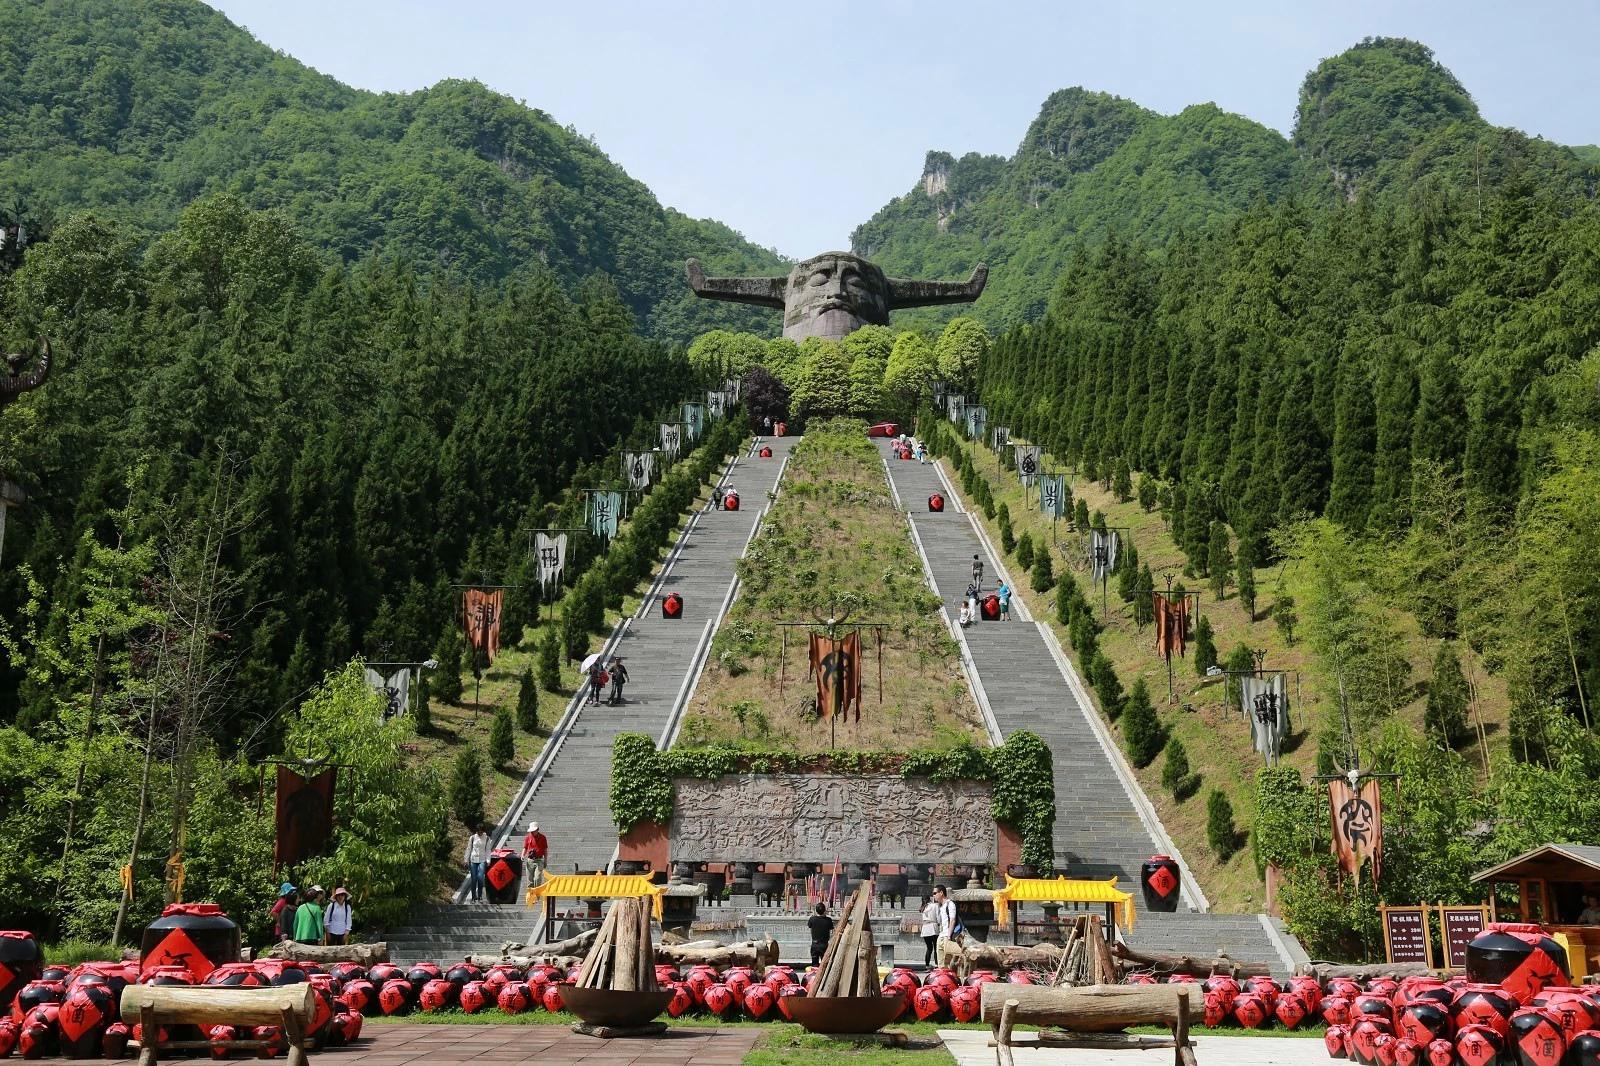 中国最有名旅游景点_中国有名的景点图片展示_中国有名的景点相关图片下载